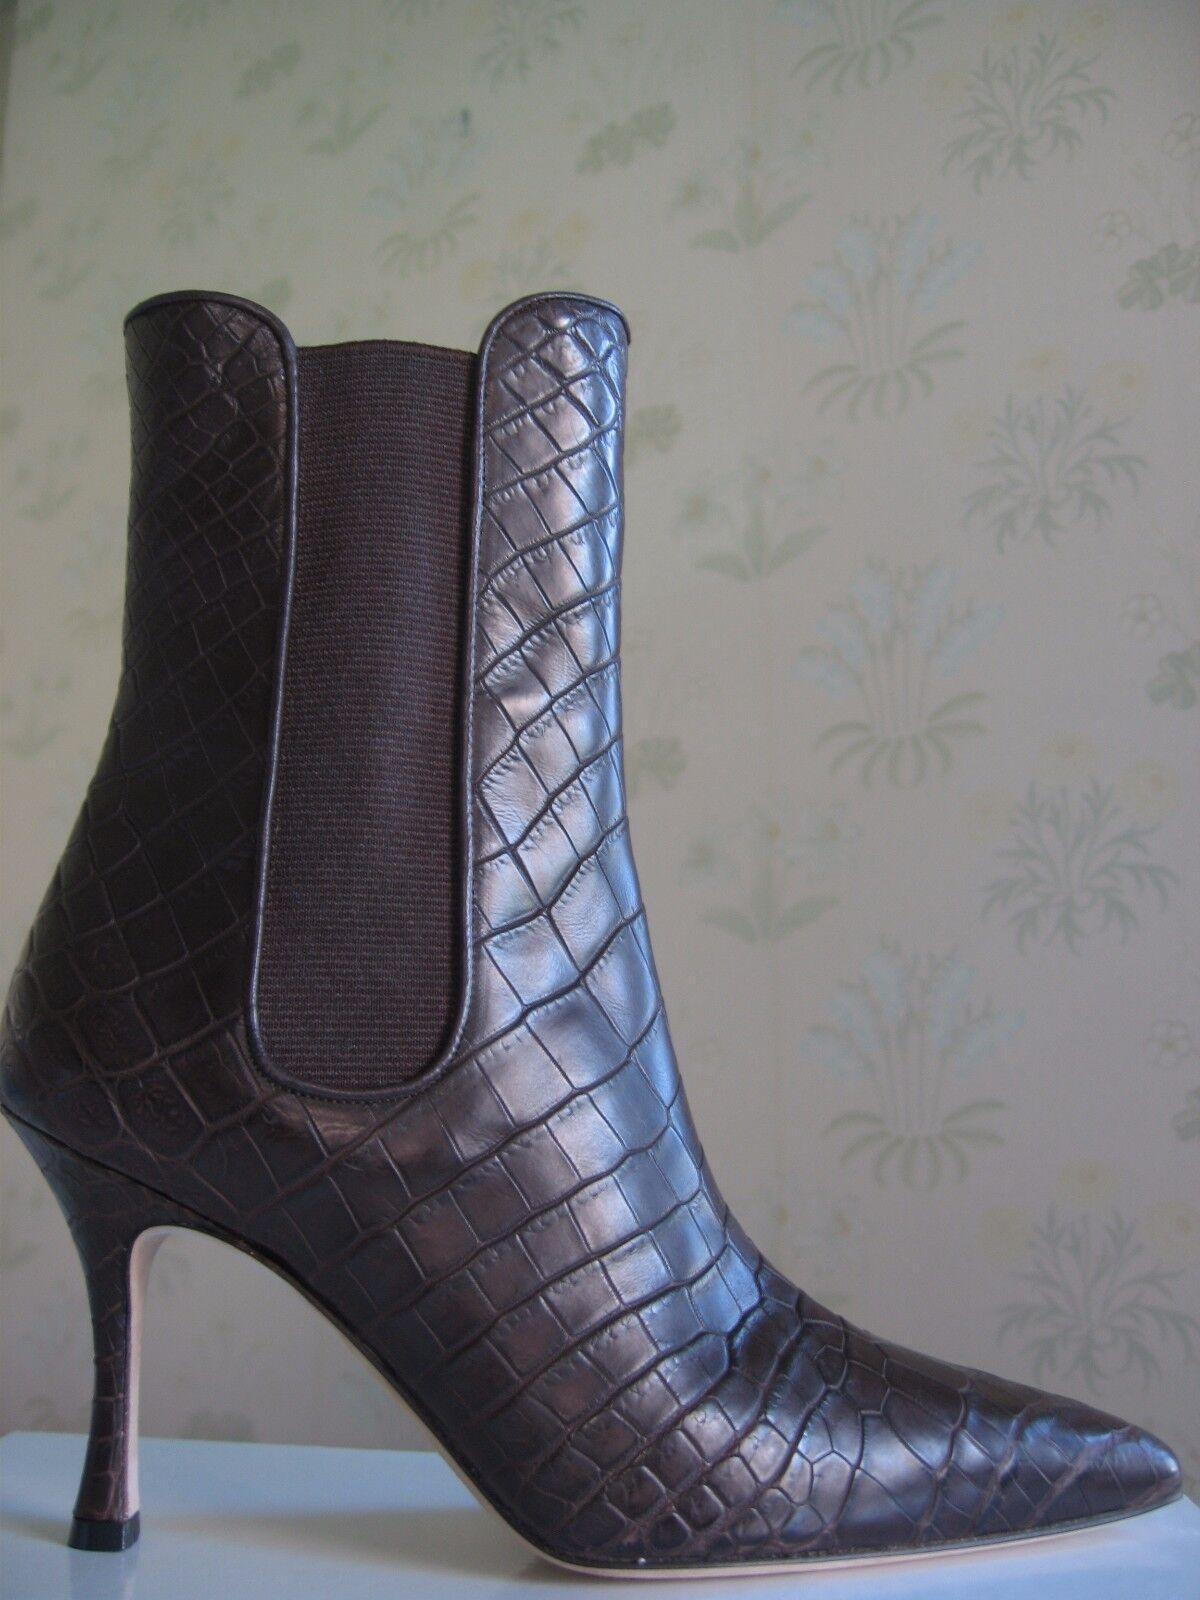 5950 Nuevo Manolo Blahnik toialo toialo toialo Marrón De Cocodrilo Botines Zapatos 35,5  ventas al por mayor